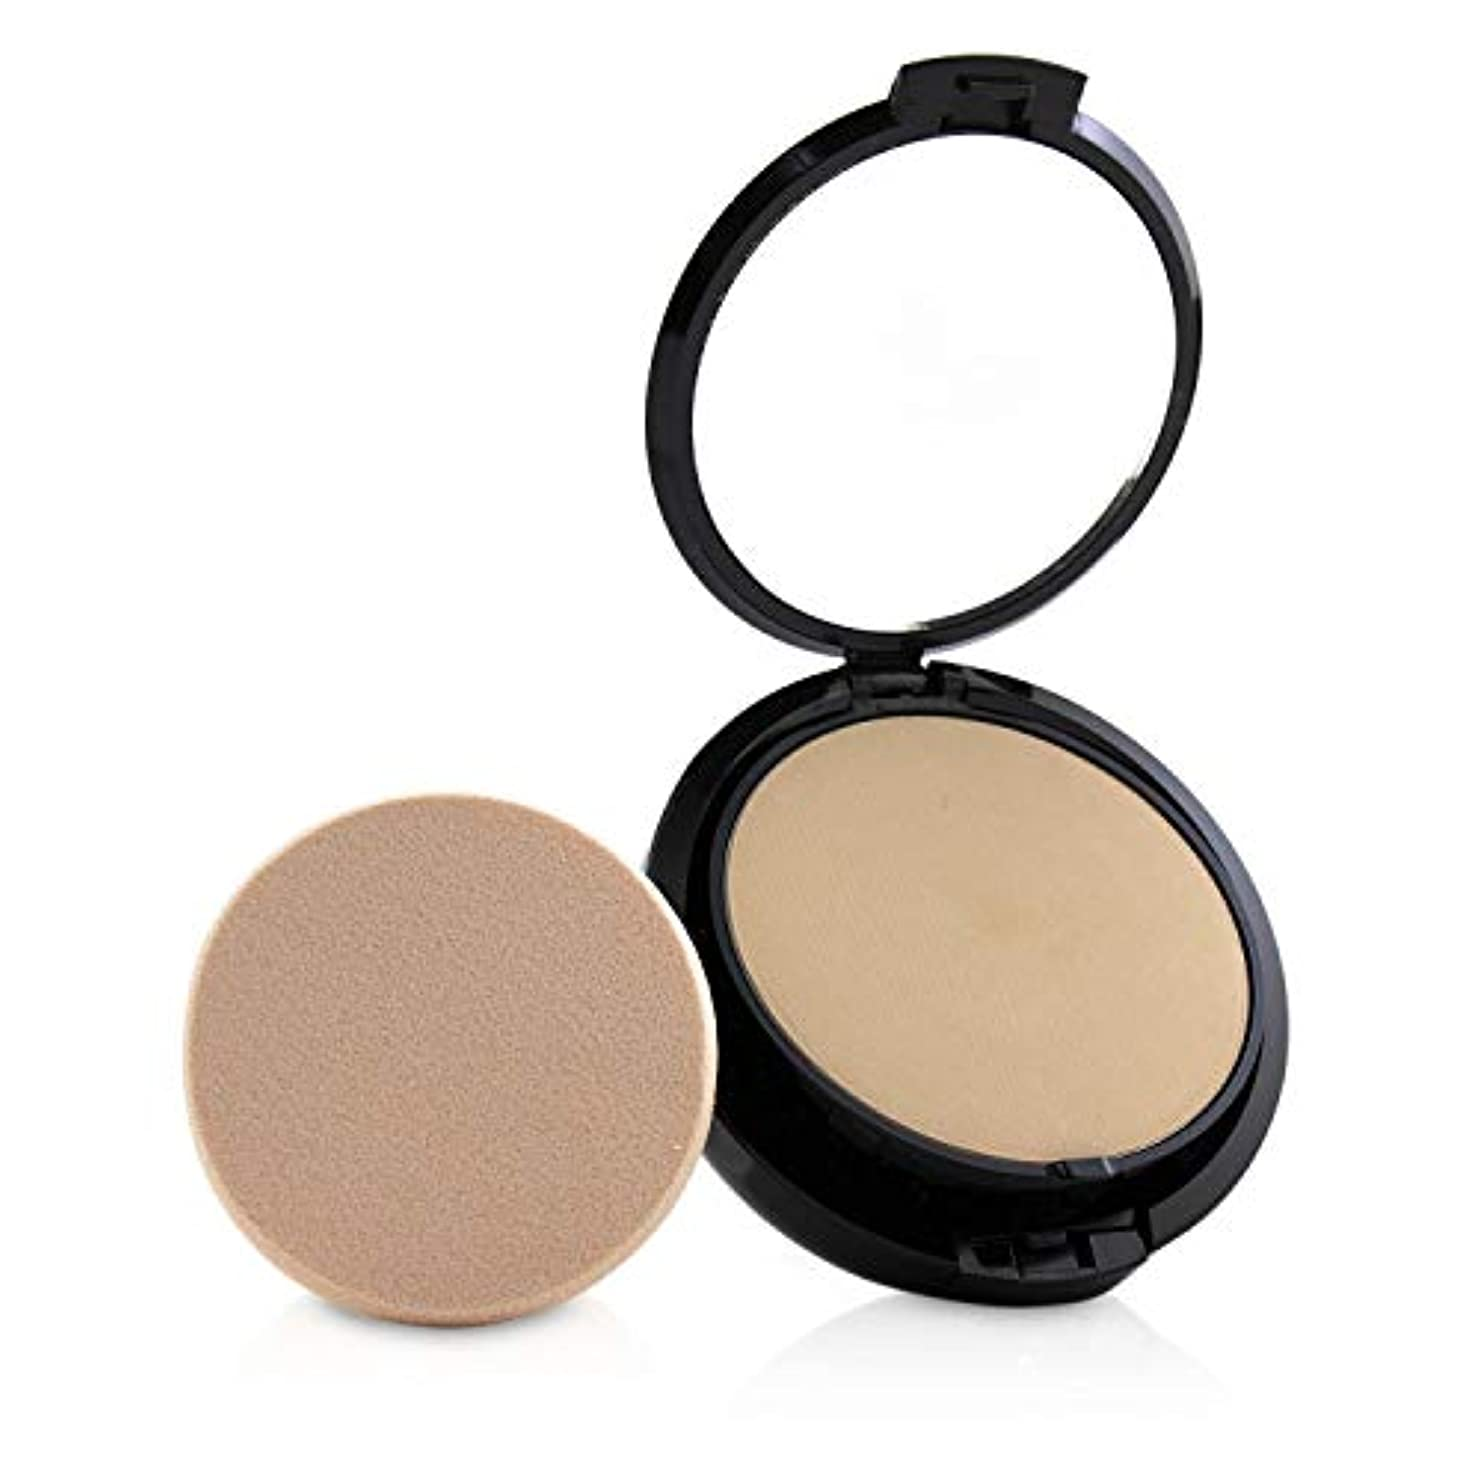 比率うめき乱気流SCOUT Cosmetics Pressed Mineral Powder Foundation SPF 15 - # Shell 15g/0.53oz並行輸入品